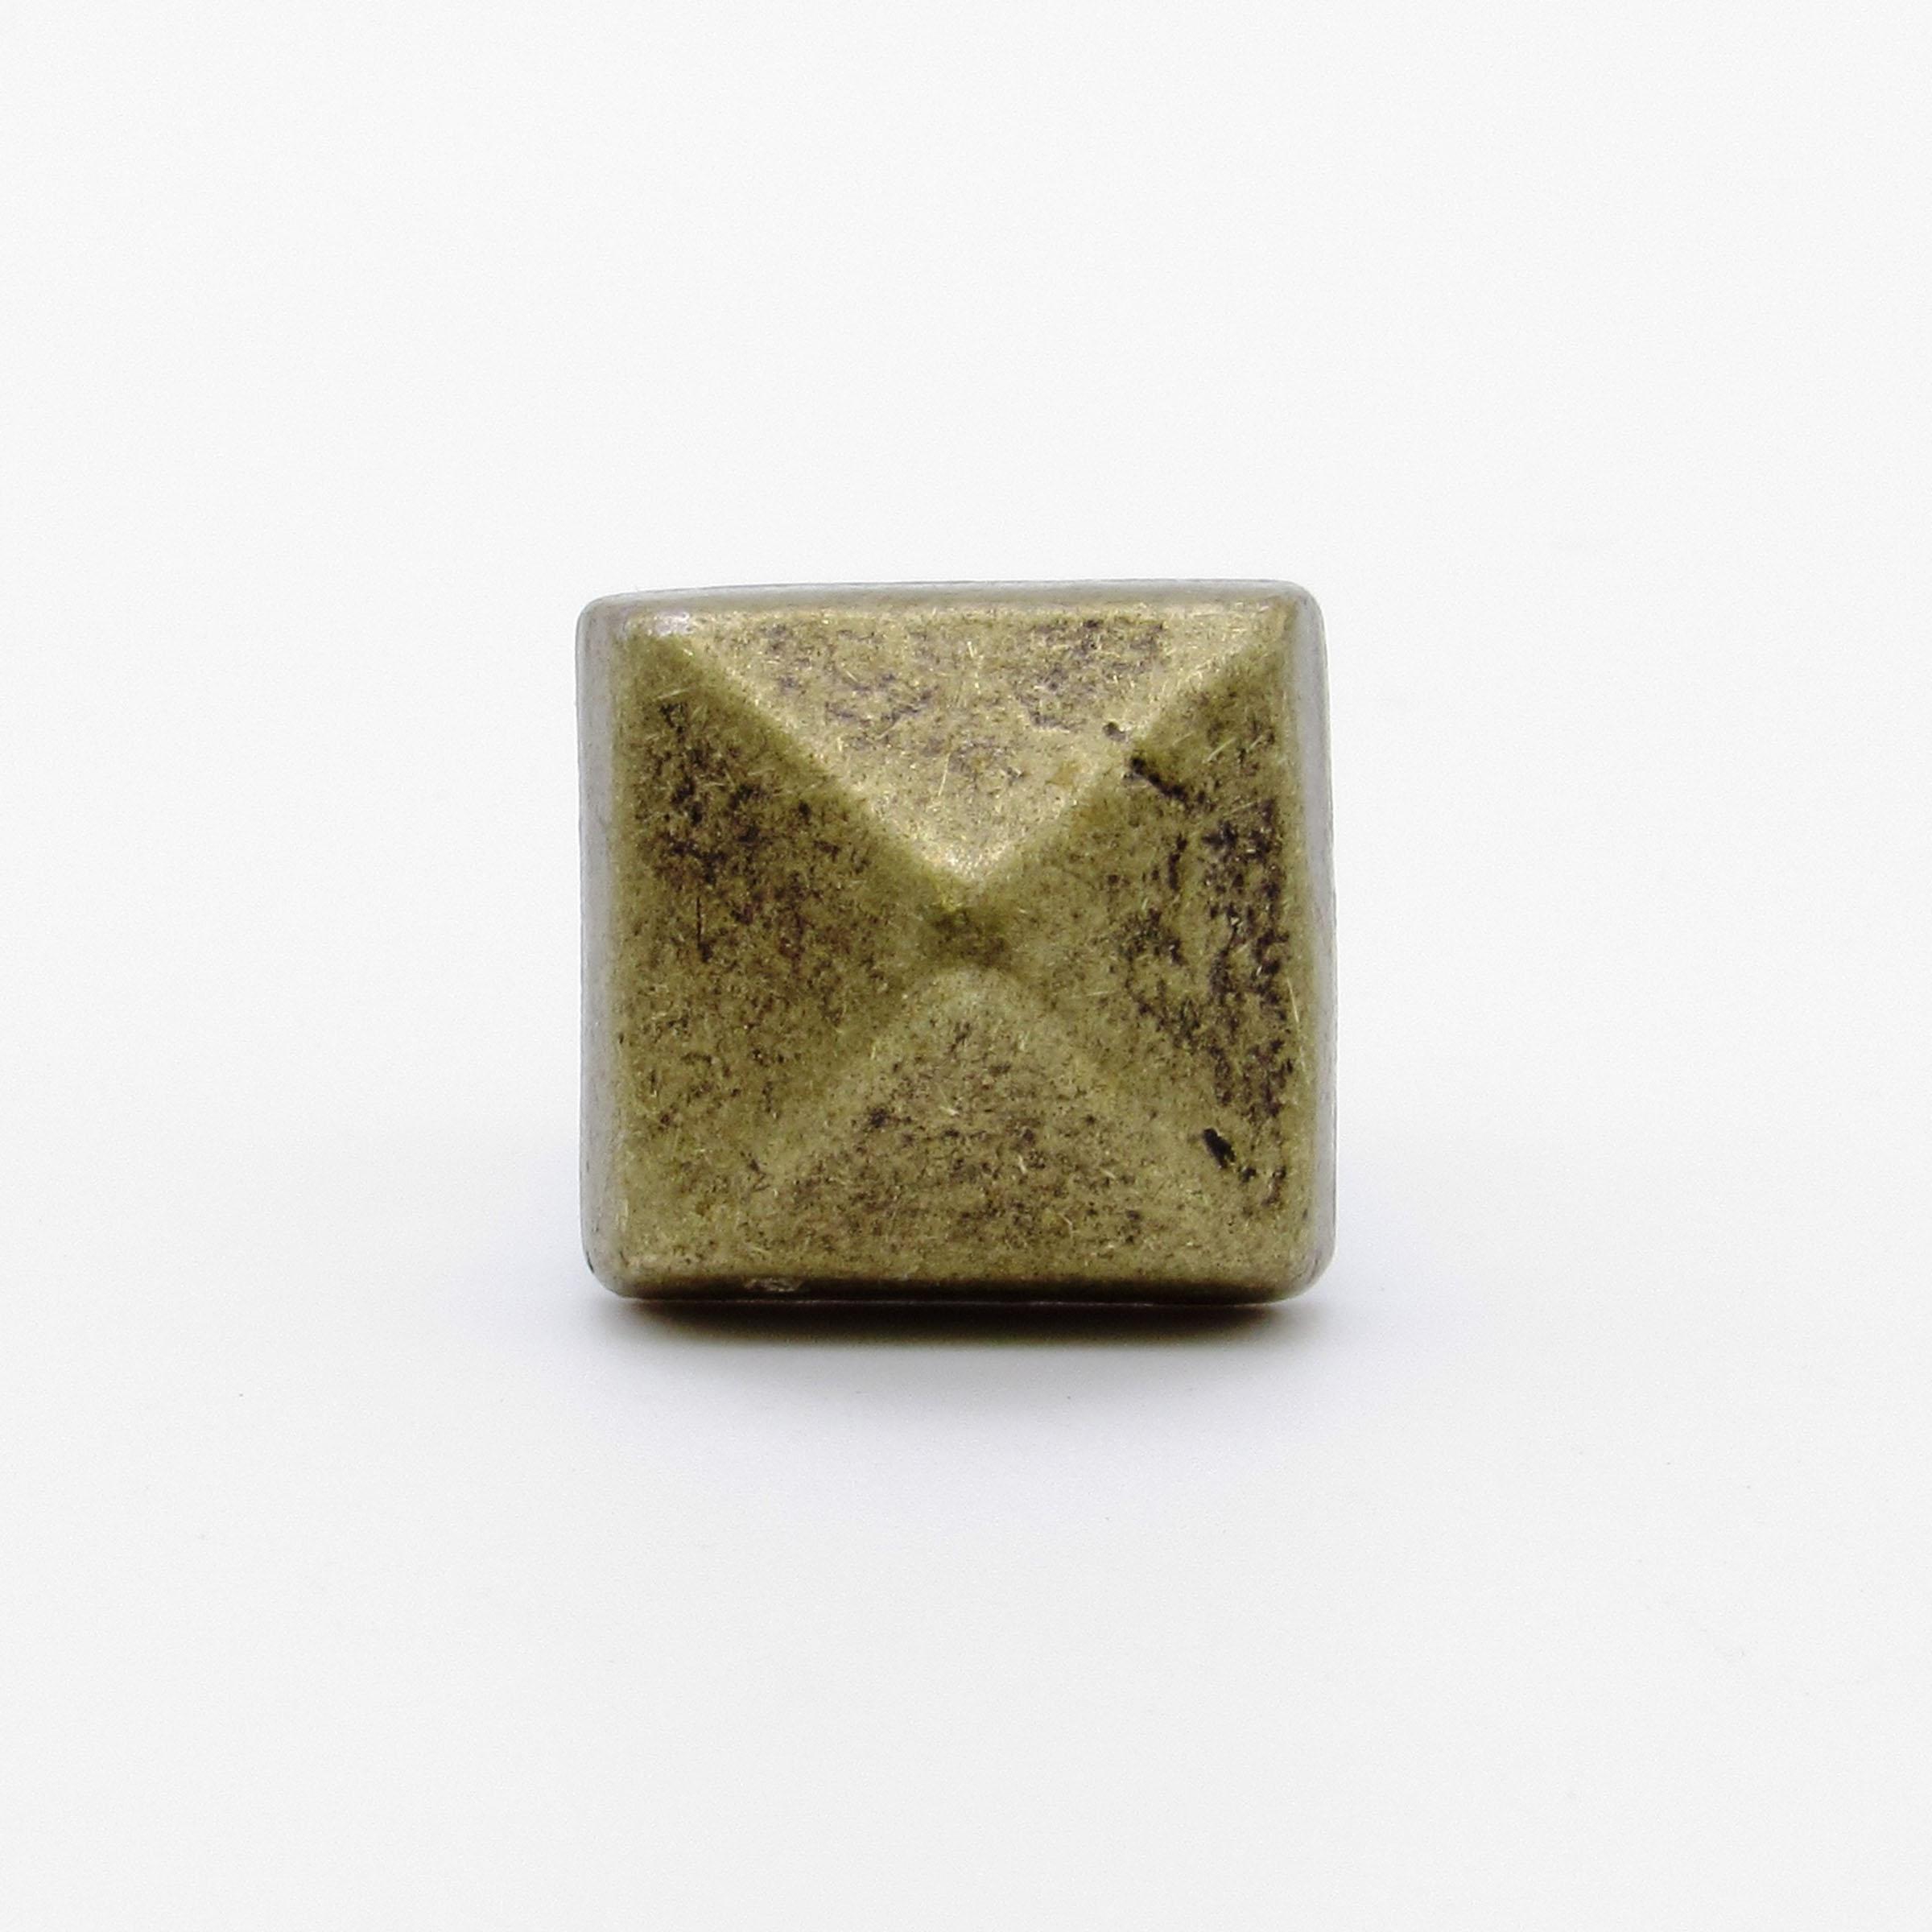 Square 5/8